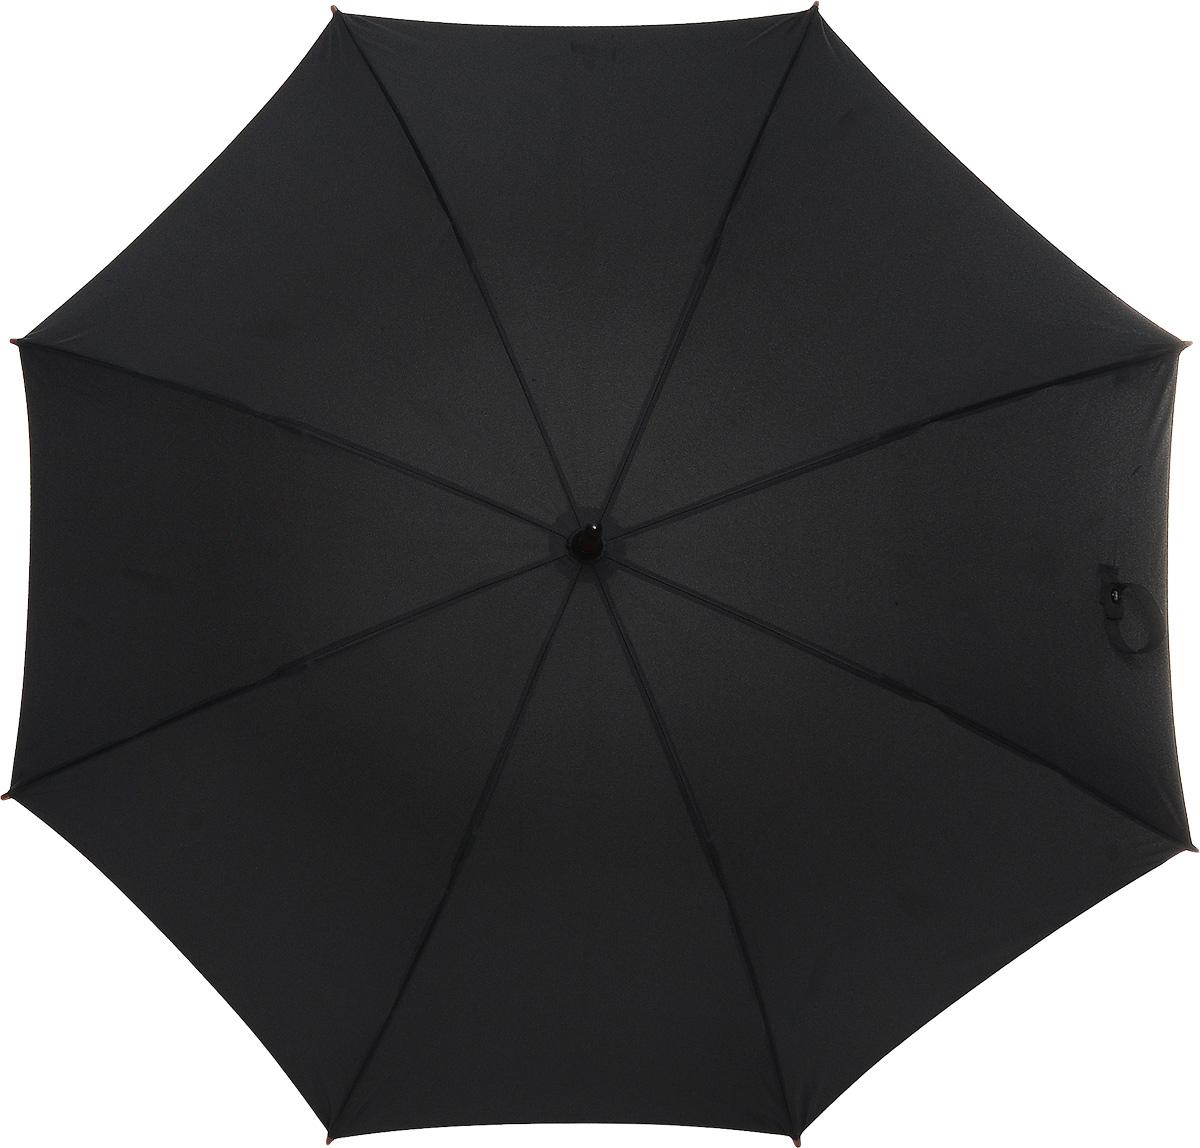 Зонт-трость женский Fulton Kensington, механический, цвет: черный. L776-01CX1516-50-10Модный механический зонт-трость Fulton Kensington даже в ненастную погоду позволит вам оставаться стильной и элегантной. Каркас зонта состоит из 8 спиц и стержня из фибергласса. Купол зонта выполнен из прочного полиэстера. Изделие оснащено удобной рукояткой из дерева.Зонт механического сложения: купол открывается и закрывается вручную до характерного щелчка.Модель закрывается при помощи двух хлястиков на кнопках.Такой зонт не только надежно защитит вас от дождя, но и станет стильным аксессуаром, который идеально подчеркнет ваш неповторимый образ.